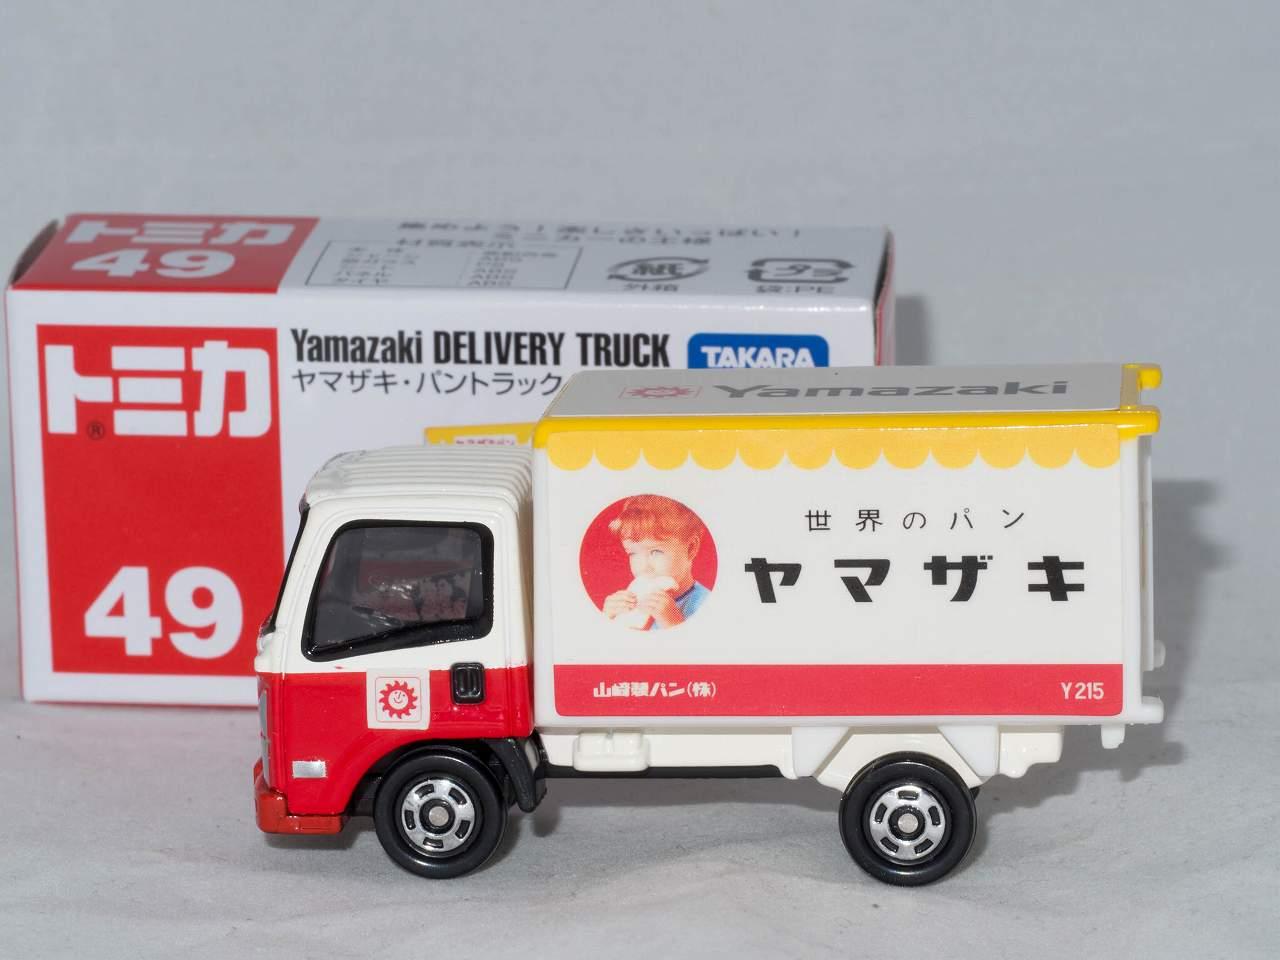 [模型]タカラトミー/トミカ No.49 ヤマザキ・パントラック/ミニカー          タカラトミートミカNo.49 ヤマザキ・パントラックミニカー